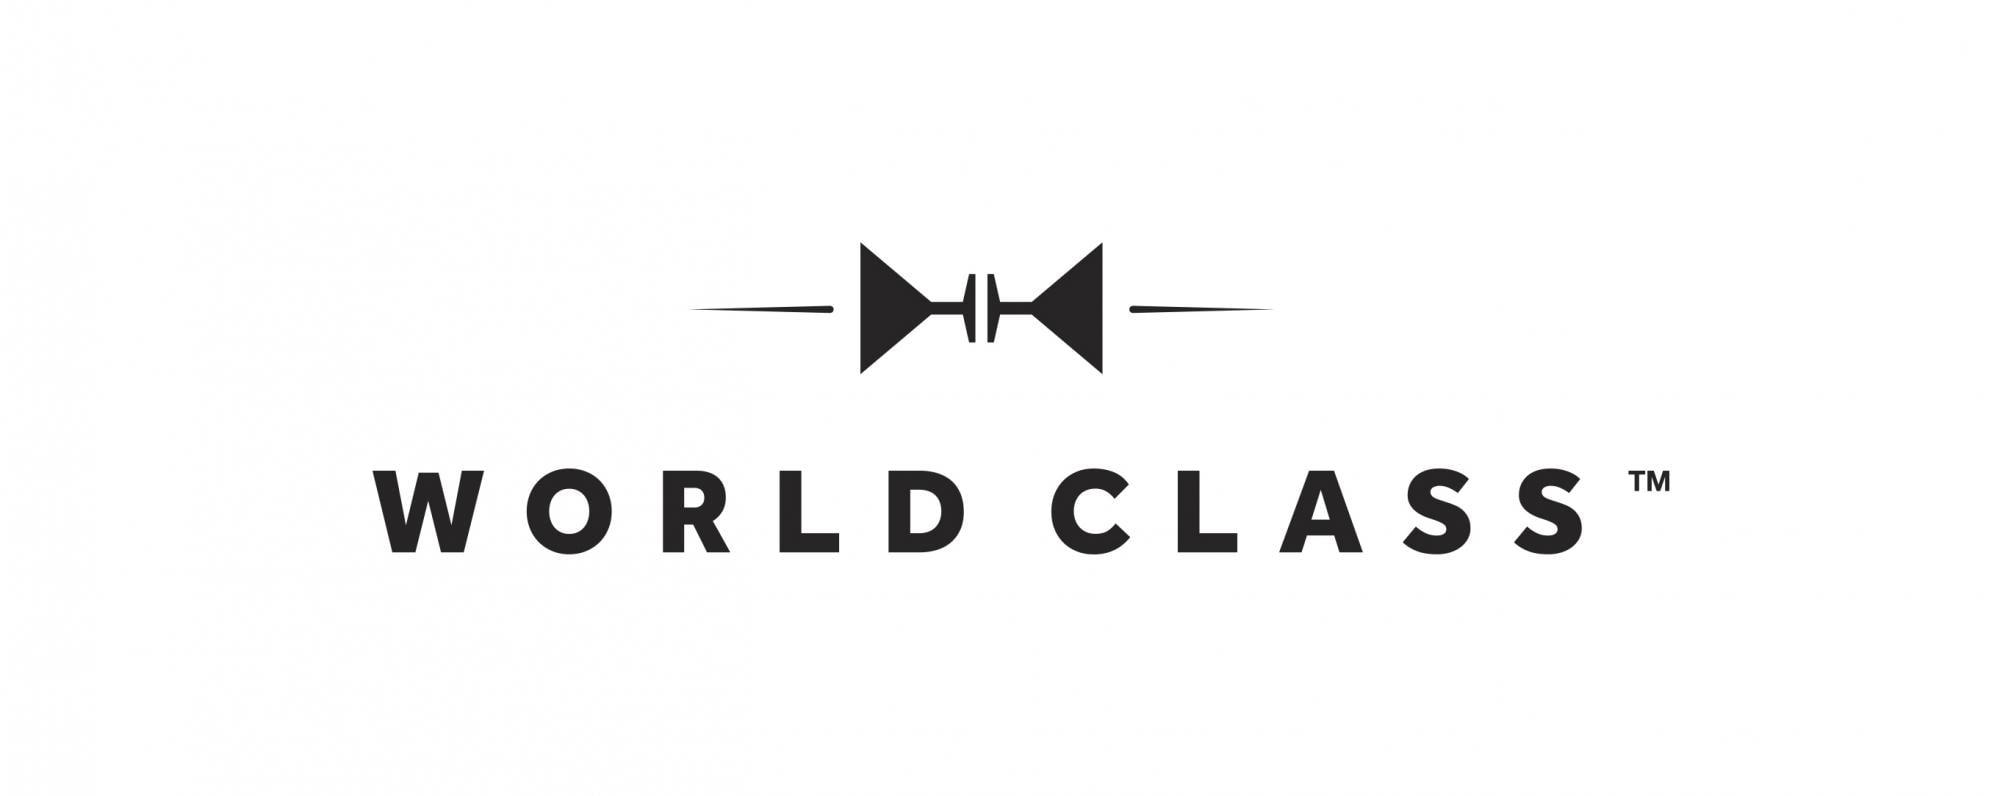 World Class Final 2021